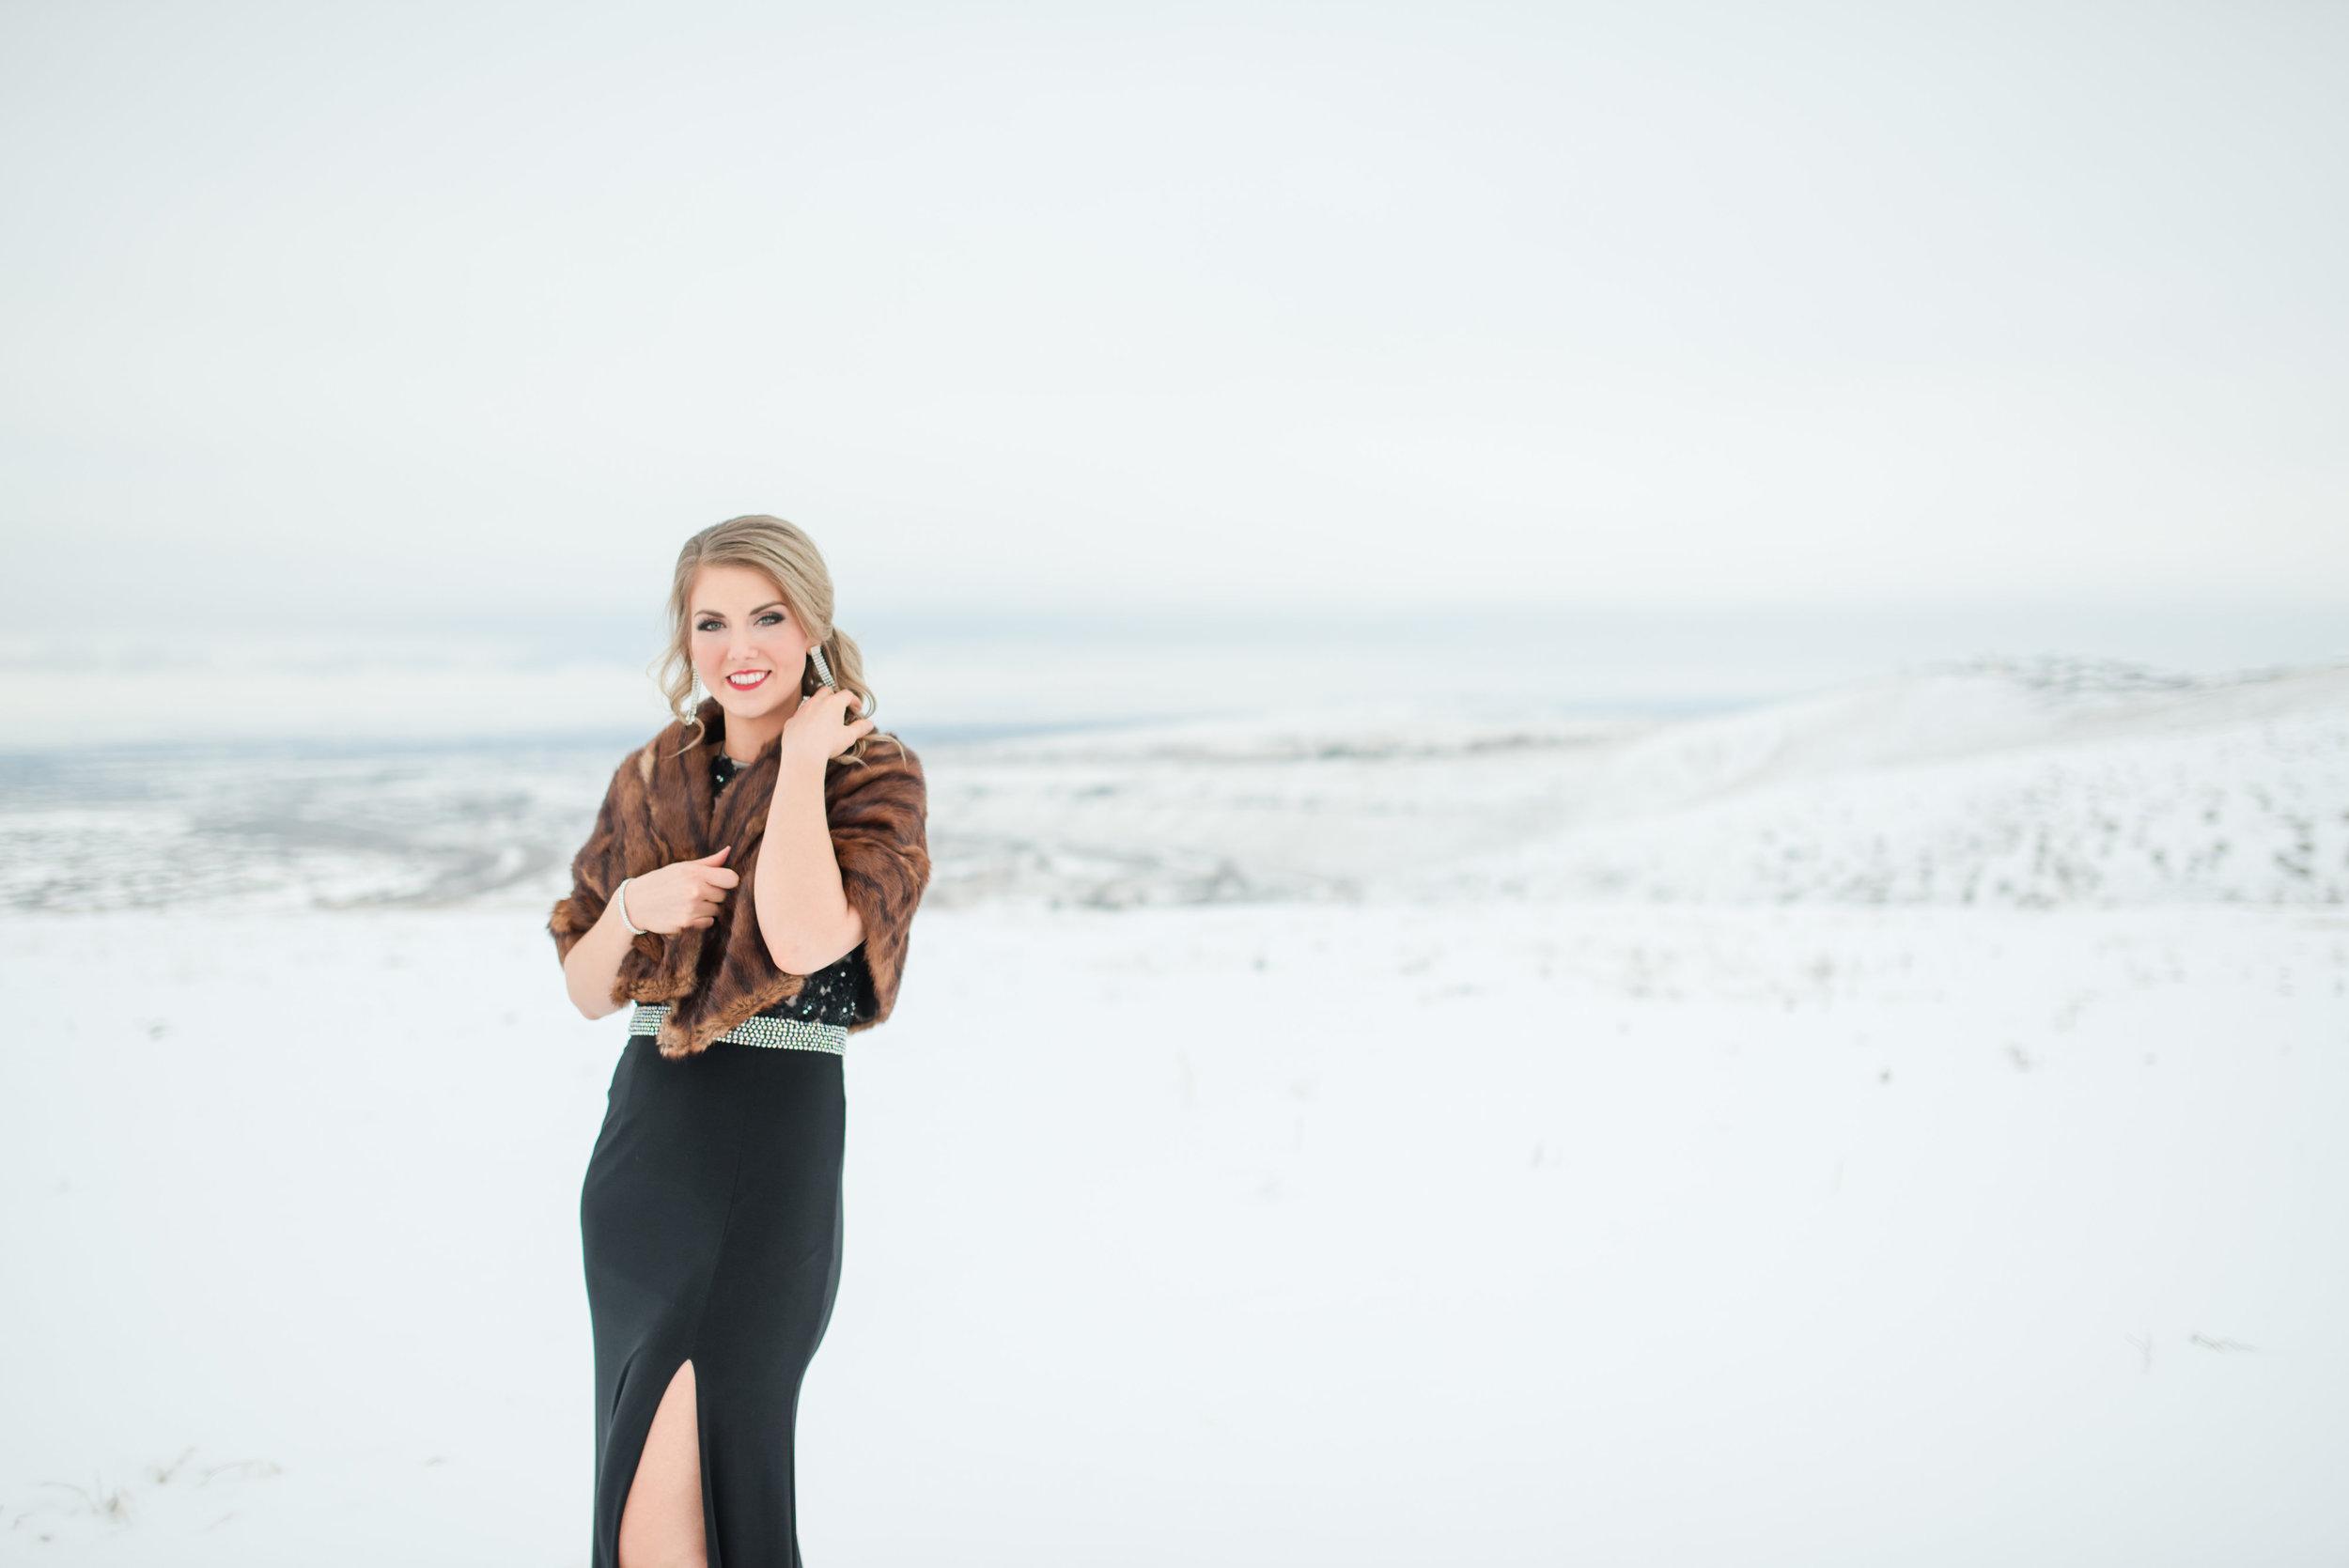 Deidra Winter Shoot Edited-0001.jpg